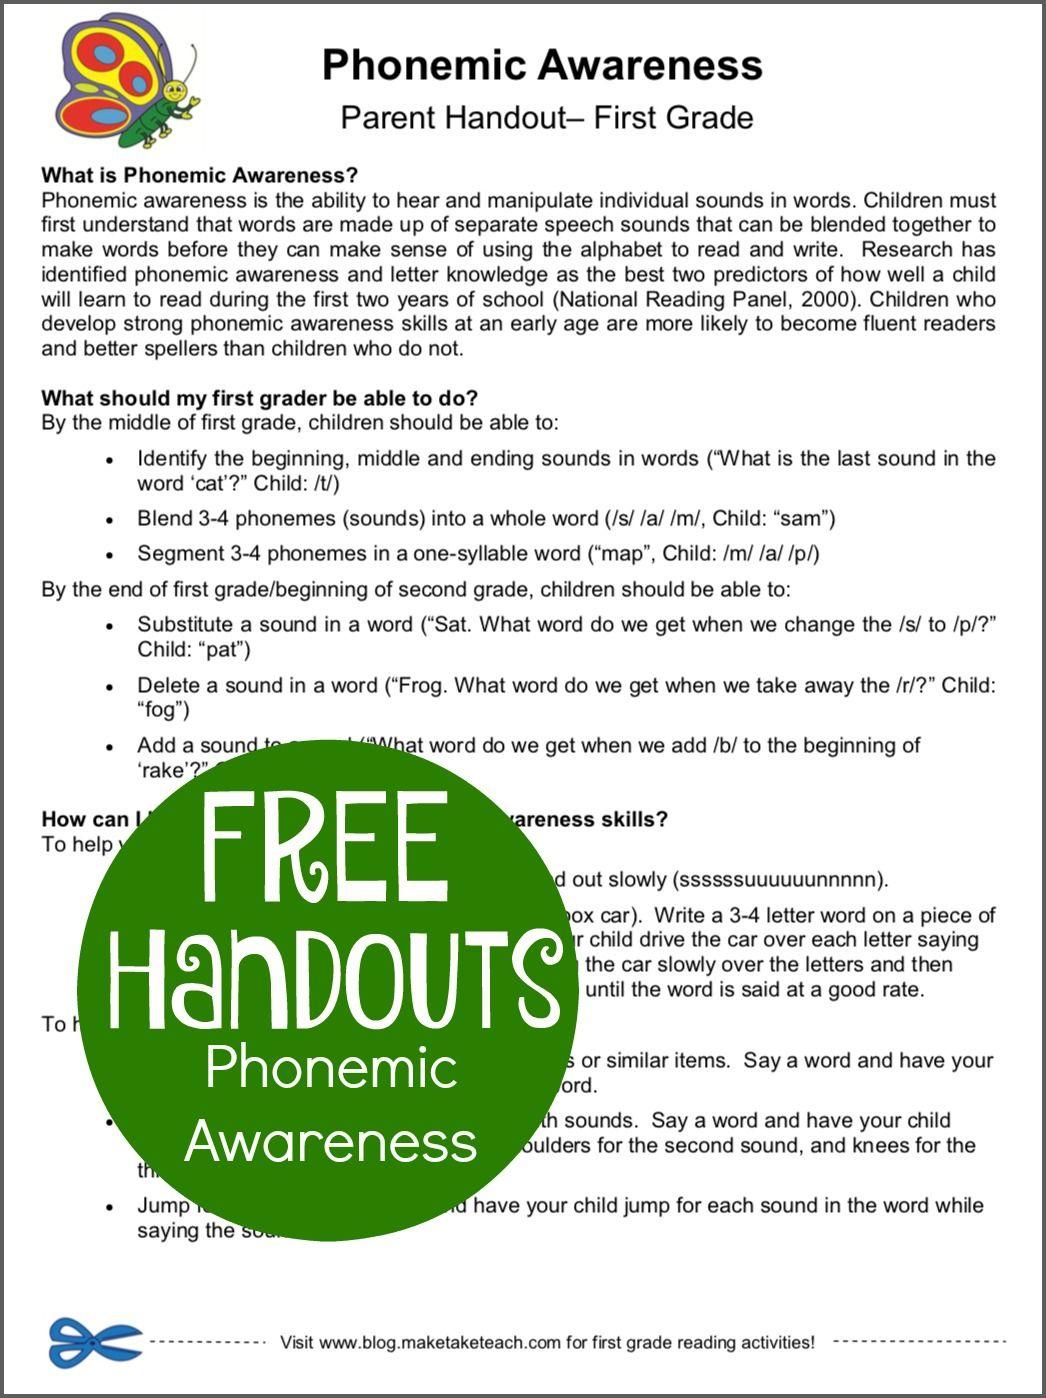 Phonemic Awareness Free Resources